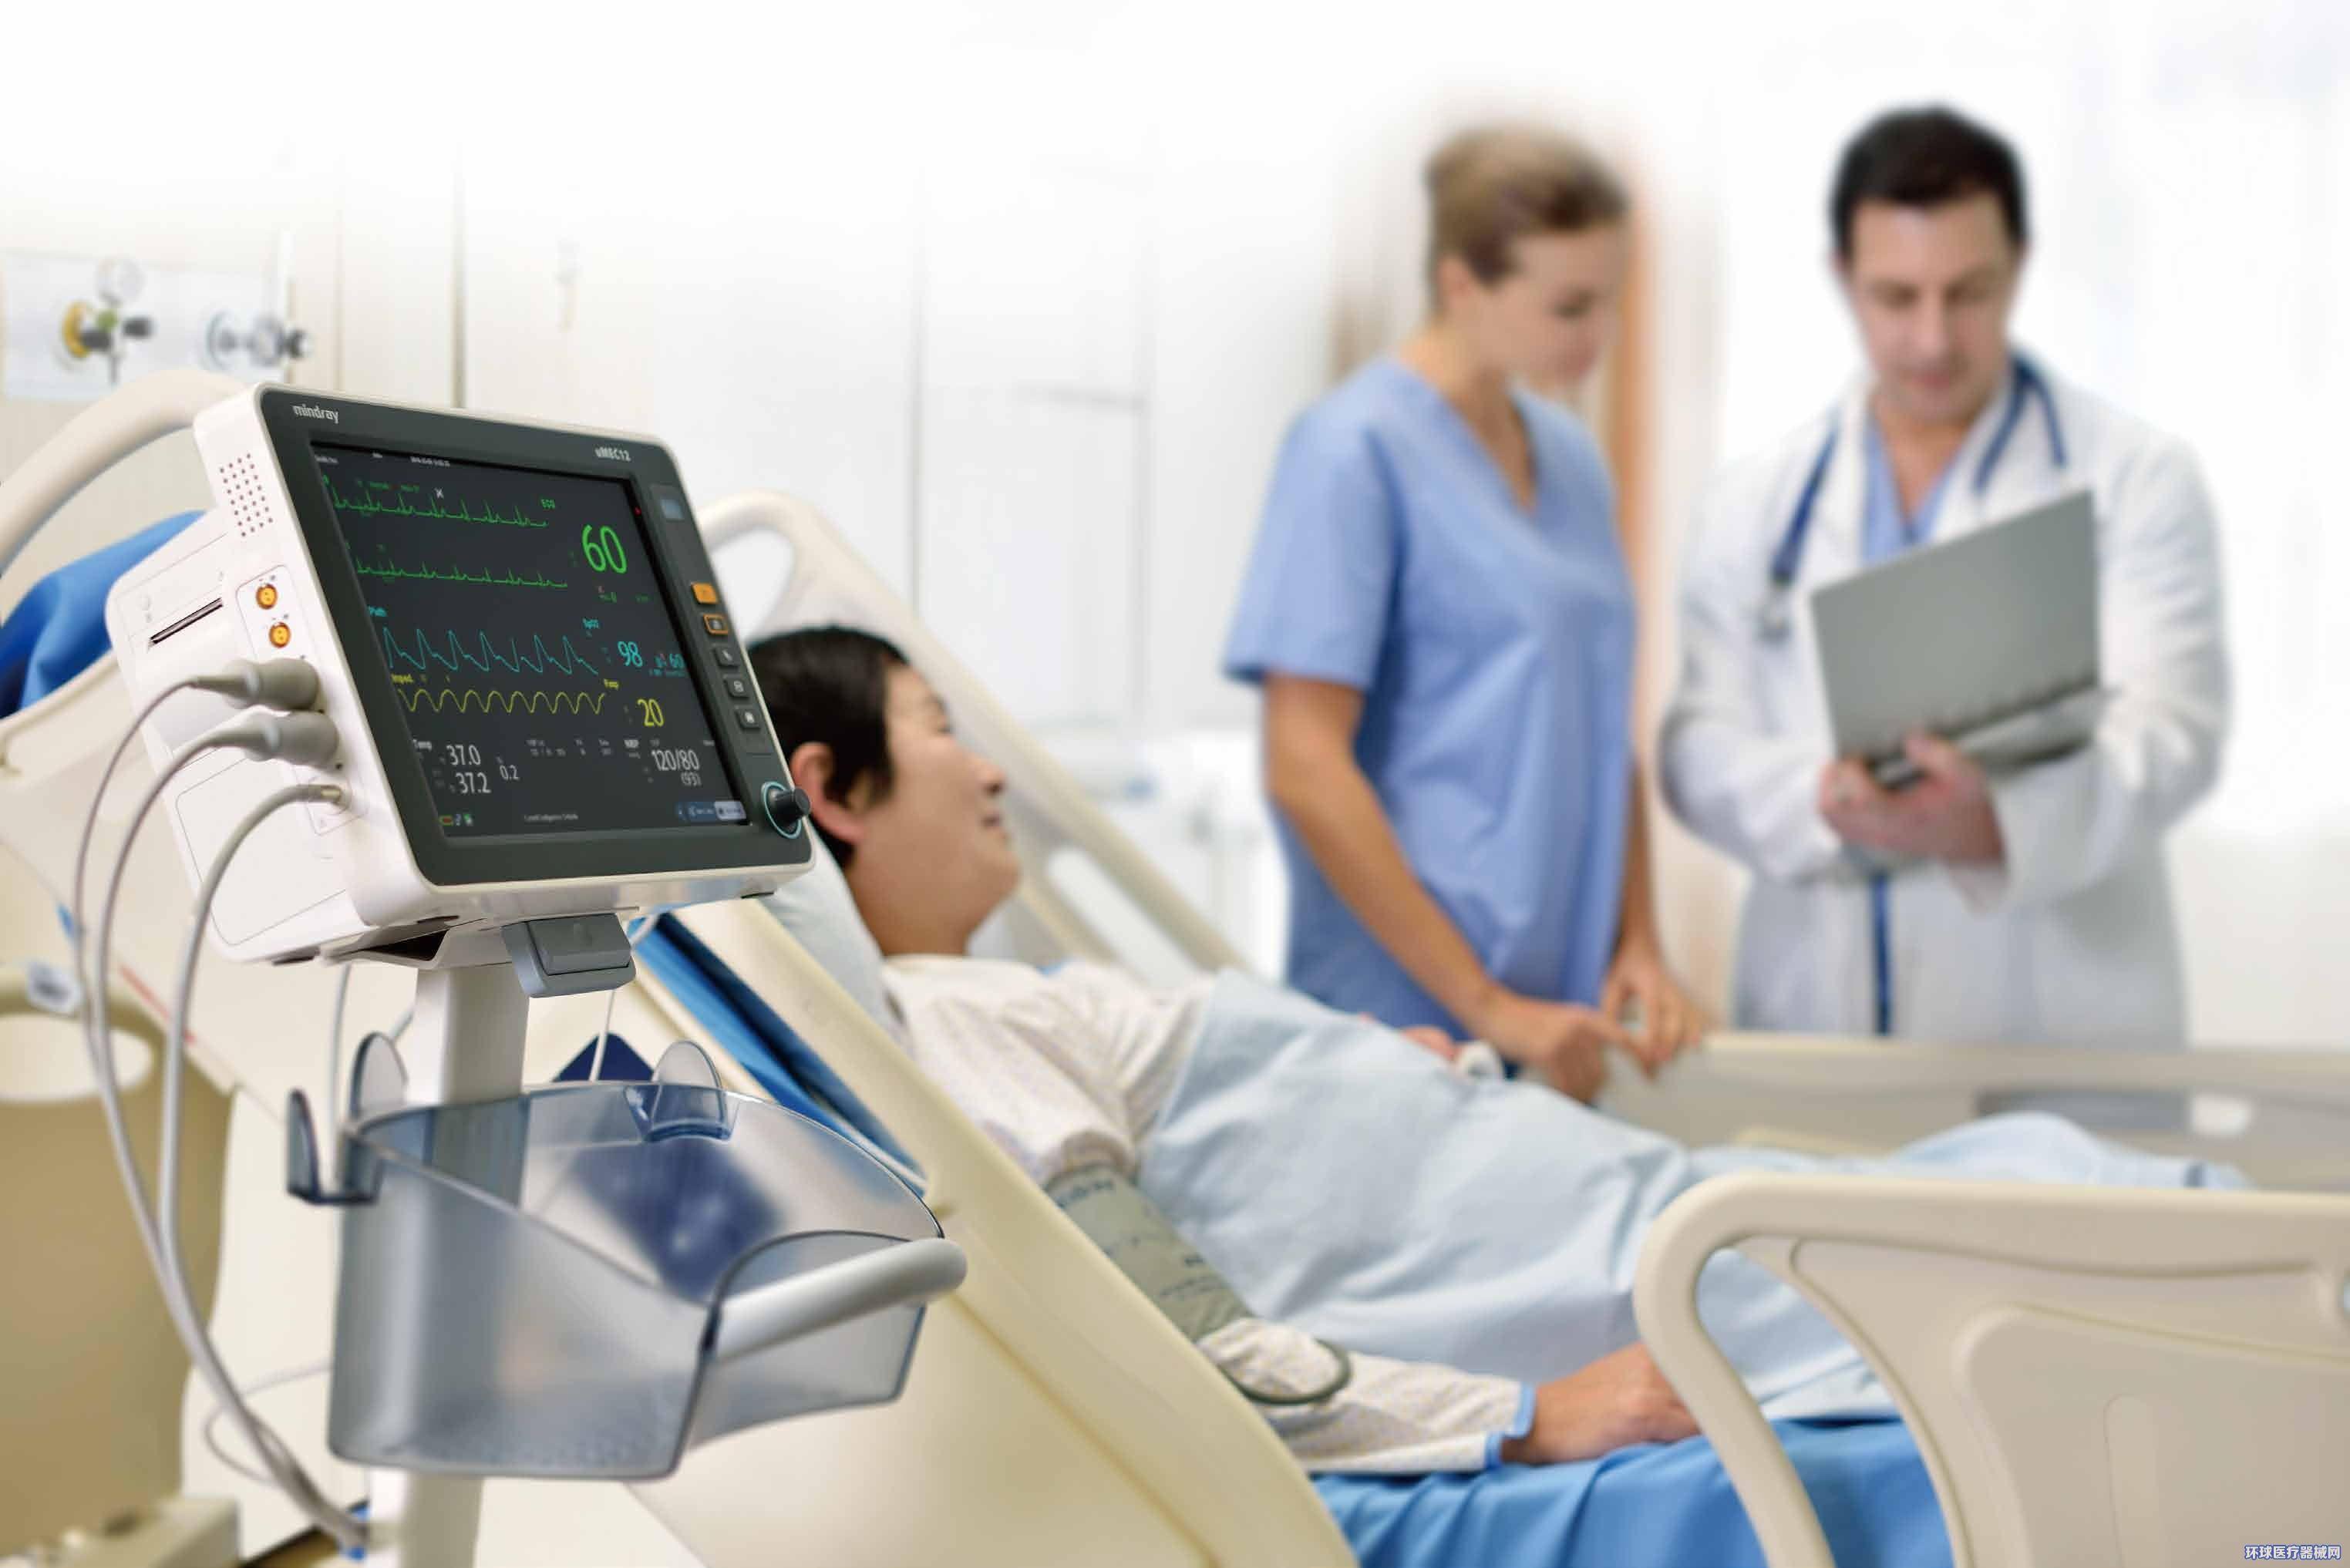 迈瑞多参数监护仪uMEC6病人监护仪